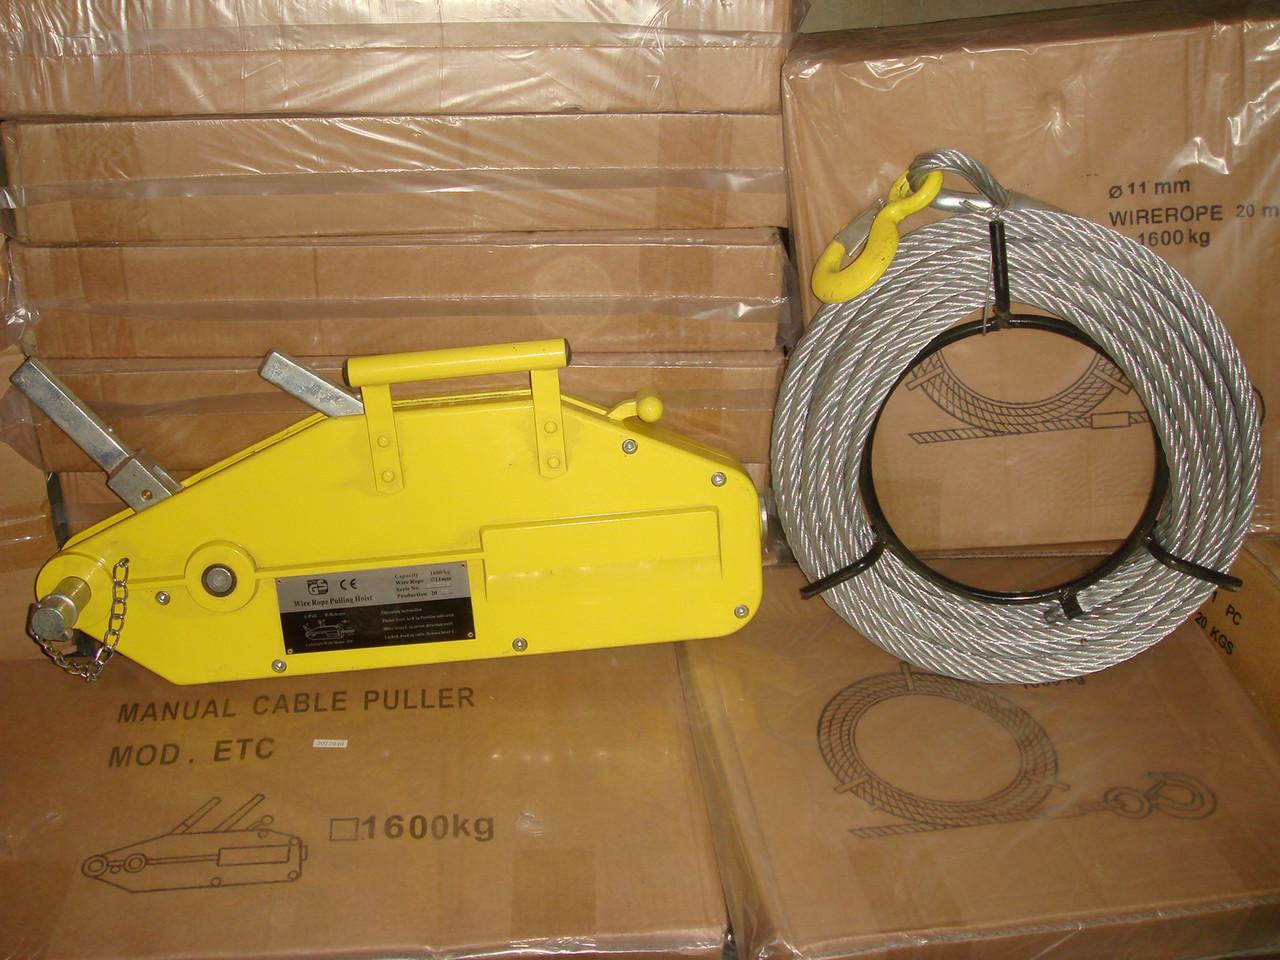 Лебедка ручная рычажная механизм тяговый монтажный мтм грузоподъемность 0.8 т высота 20 м